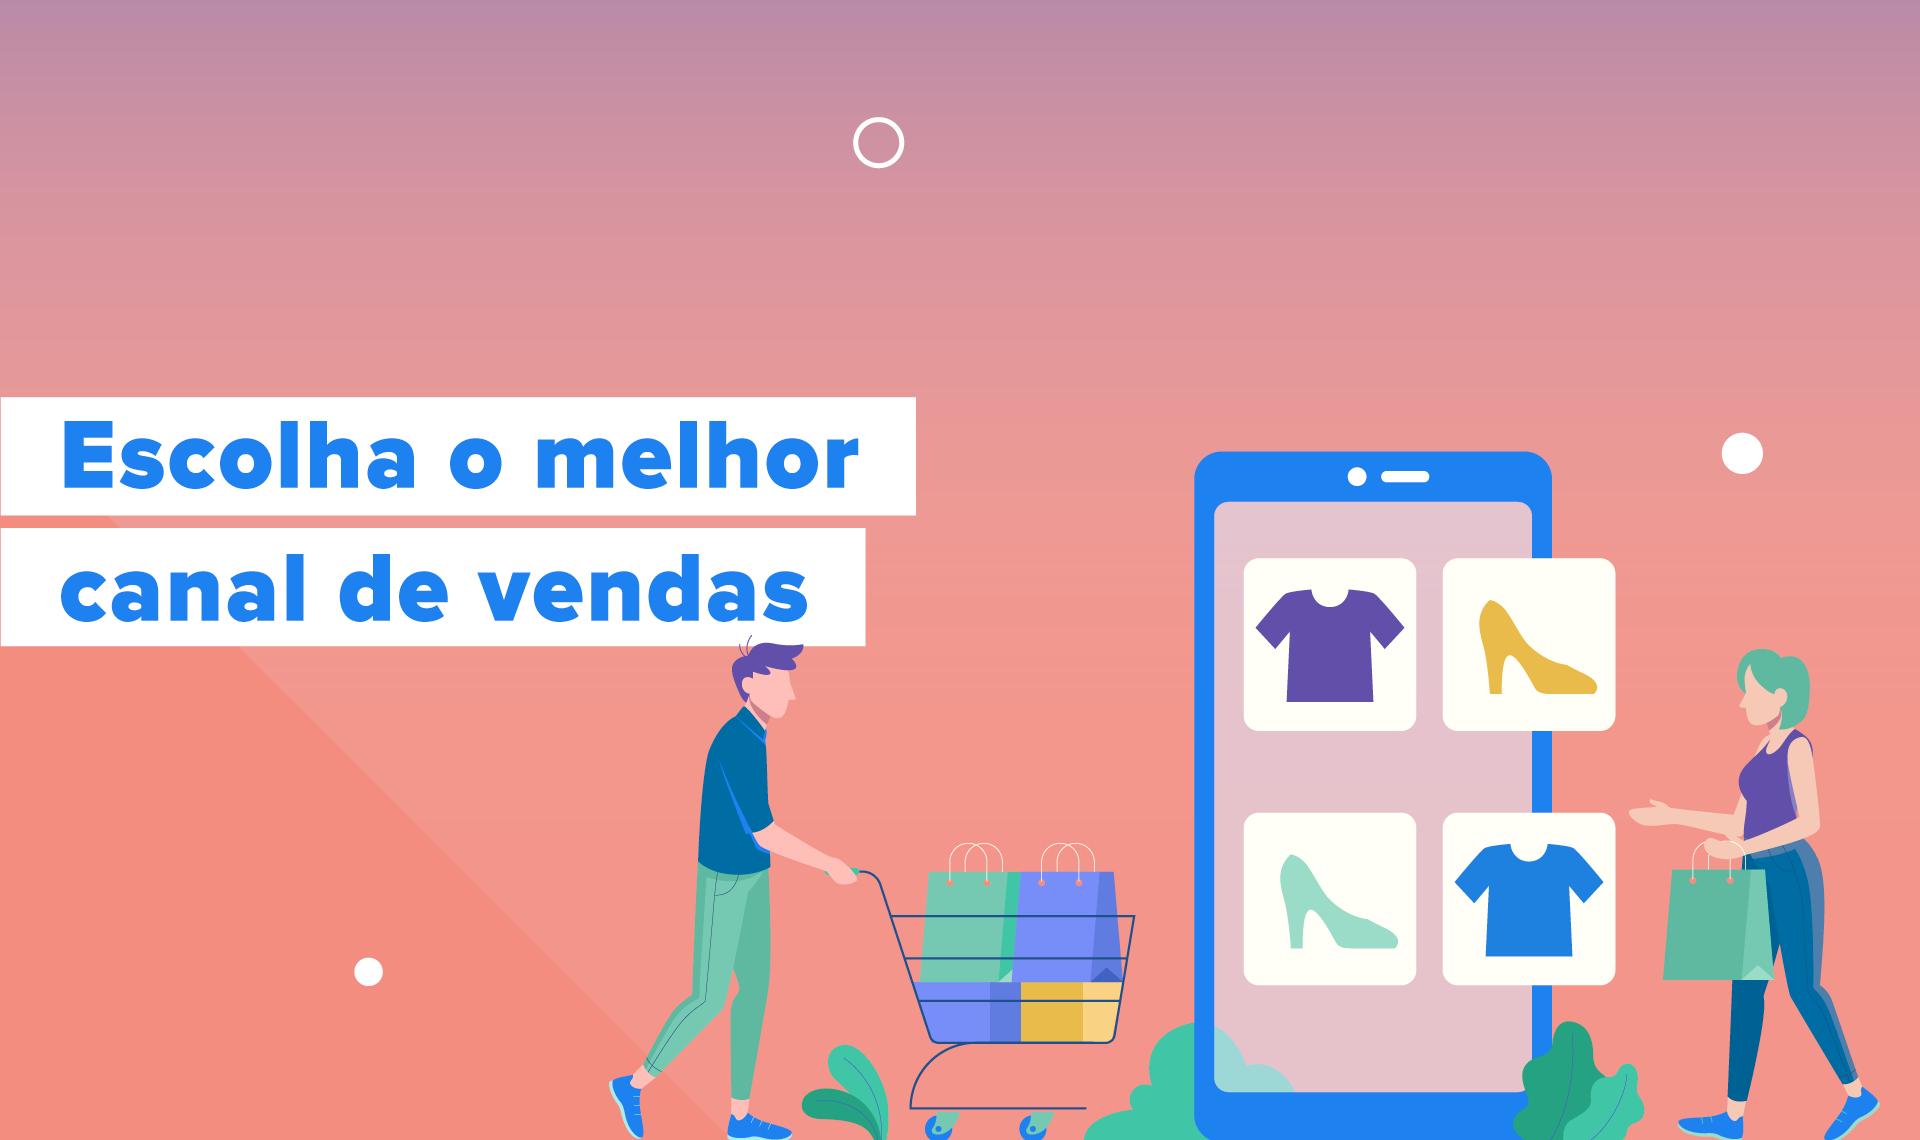 Blog de e-commerce | Comece e potencialize a sua loja online.